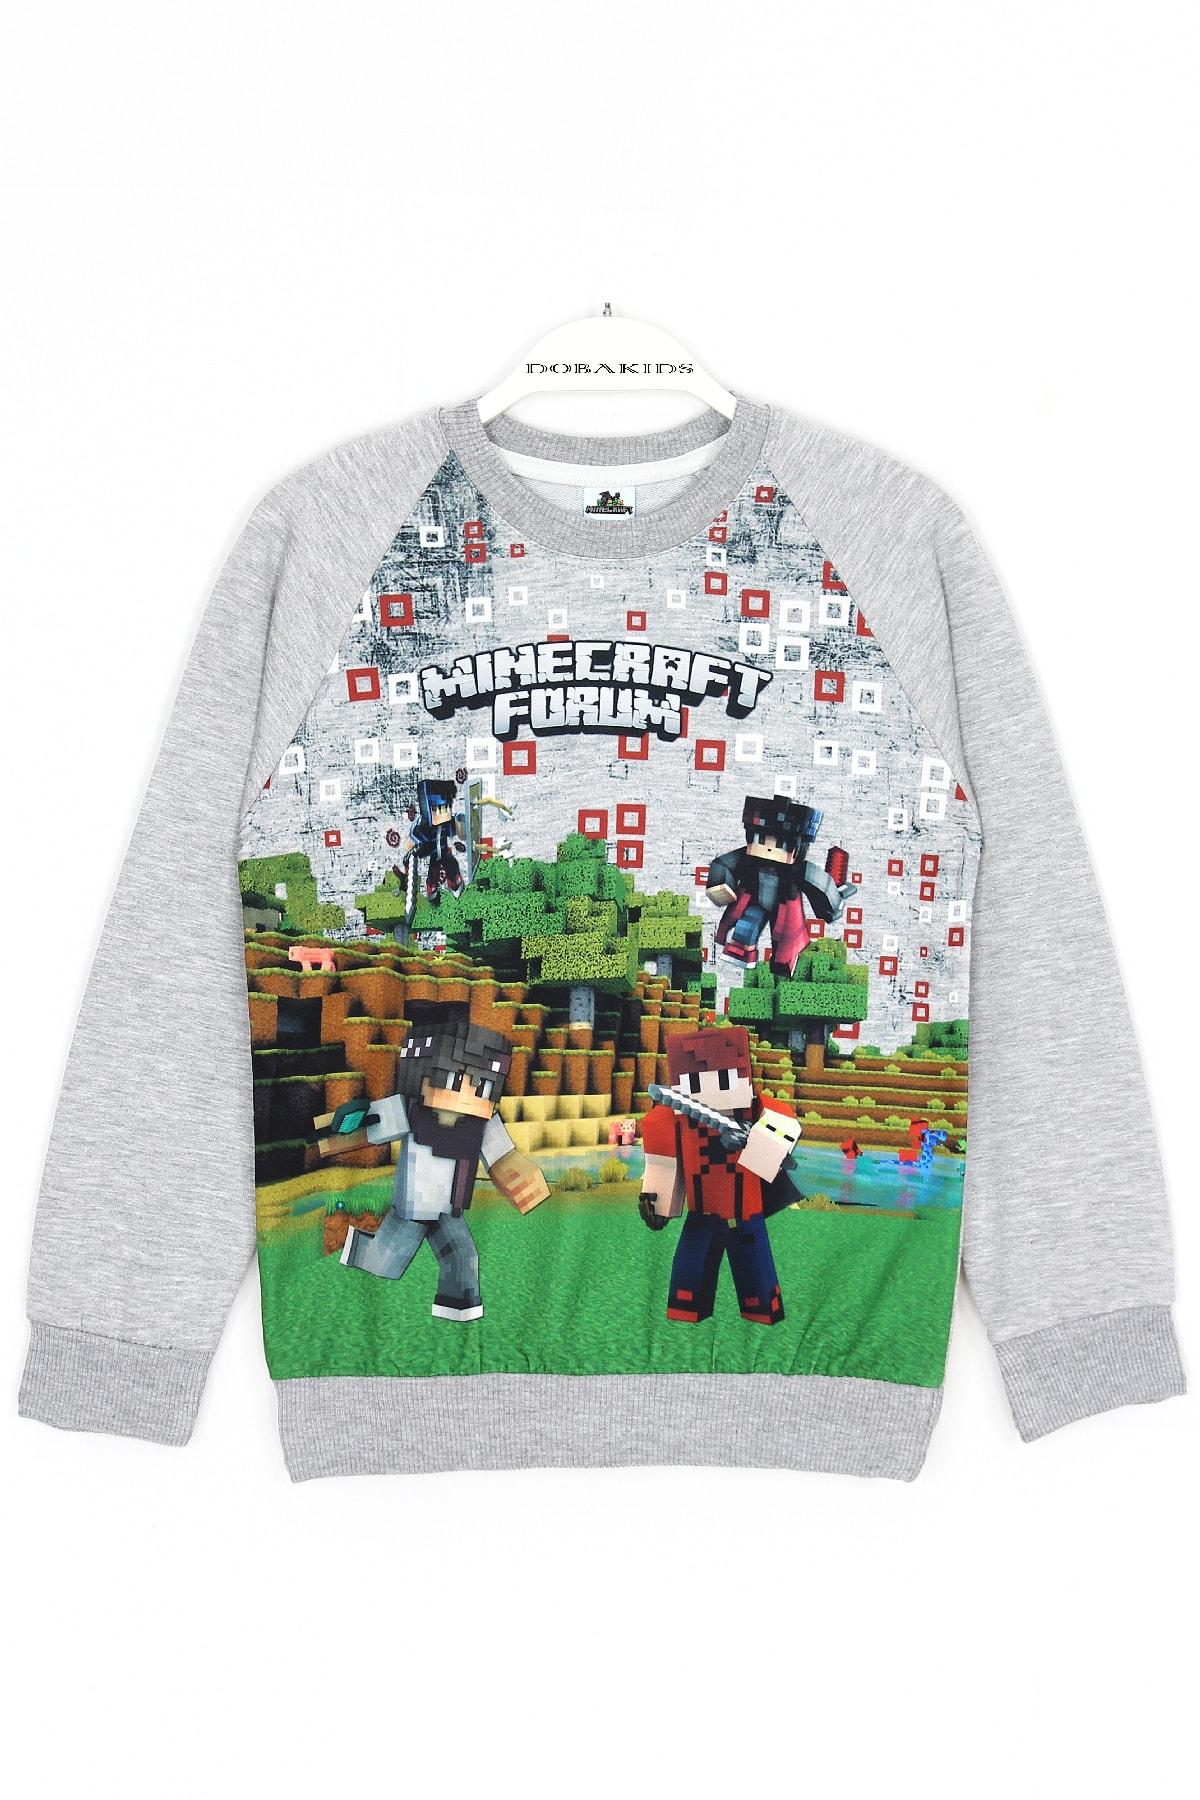 Erkek Çocuk Gri Minecraft Baskılı Sweatshirt